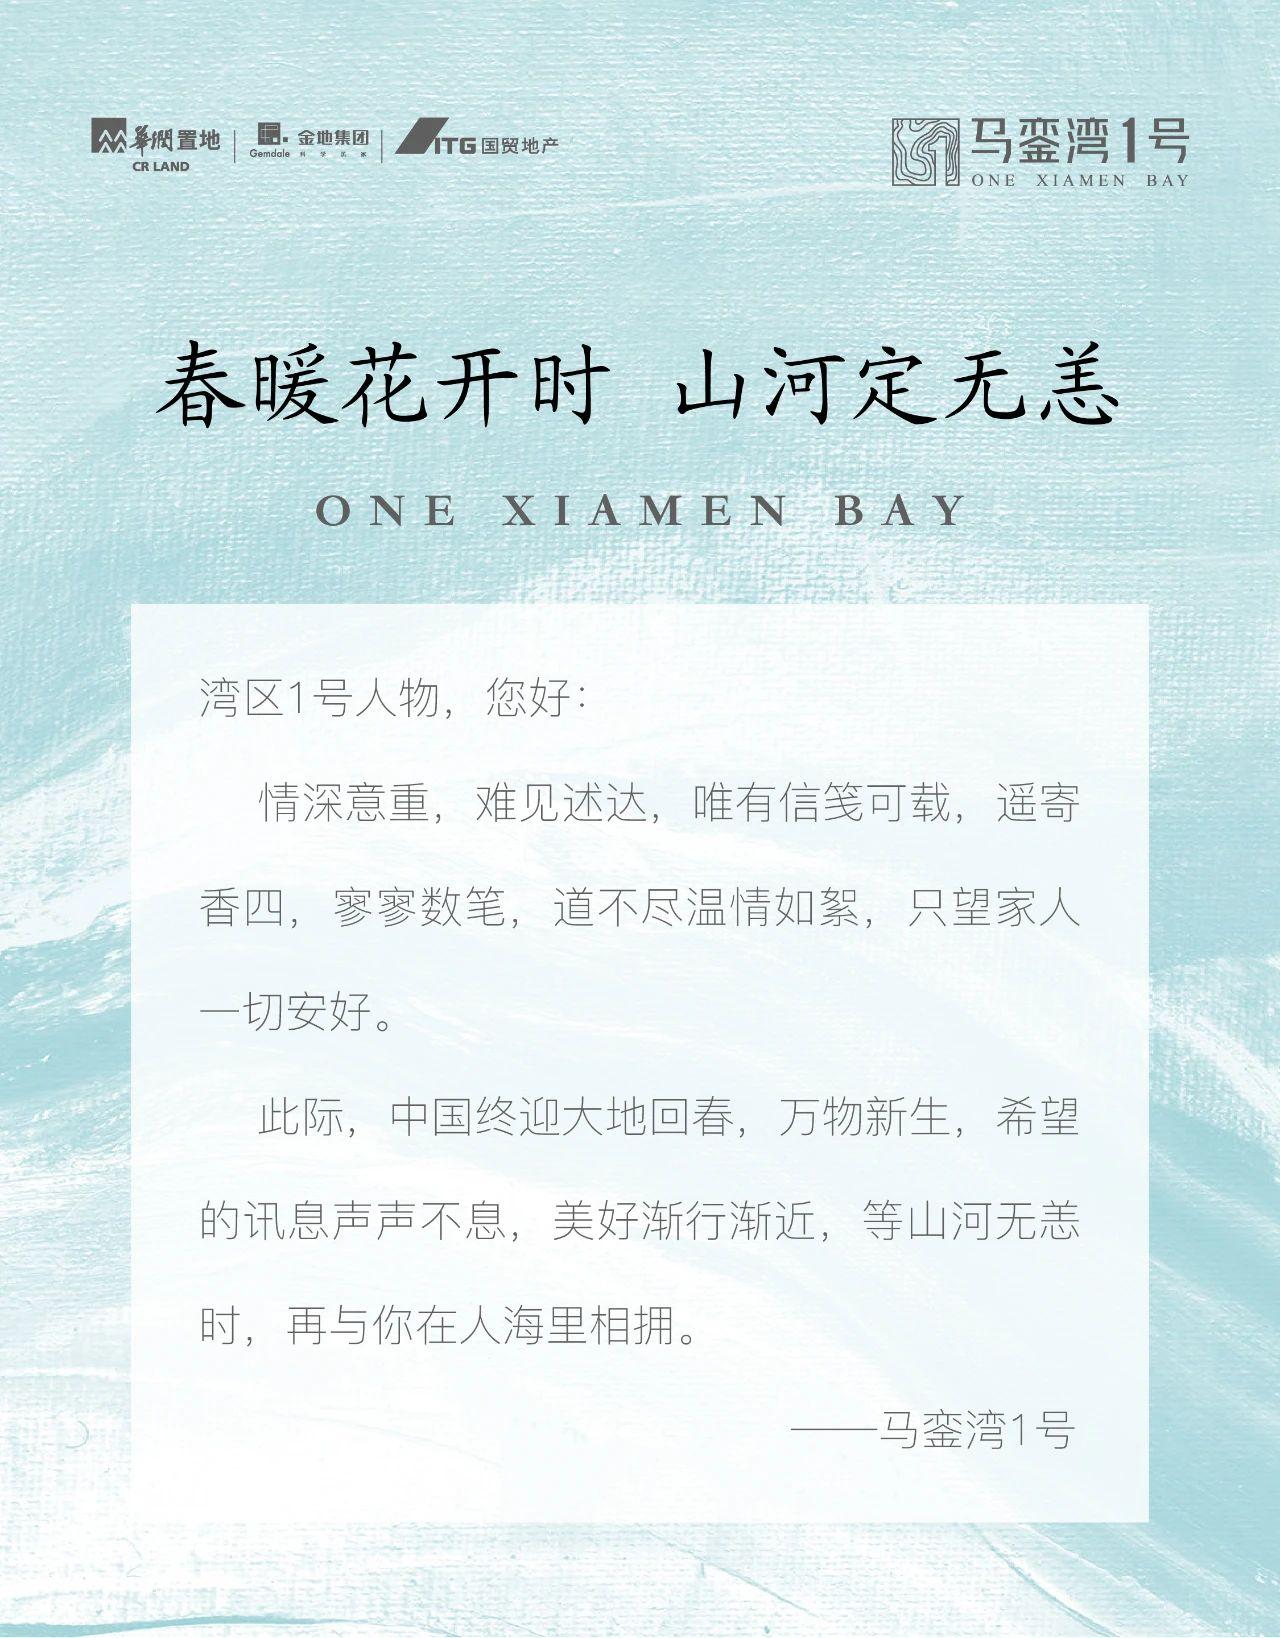 1号家书丨湾海春归 美好续启